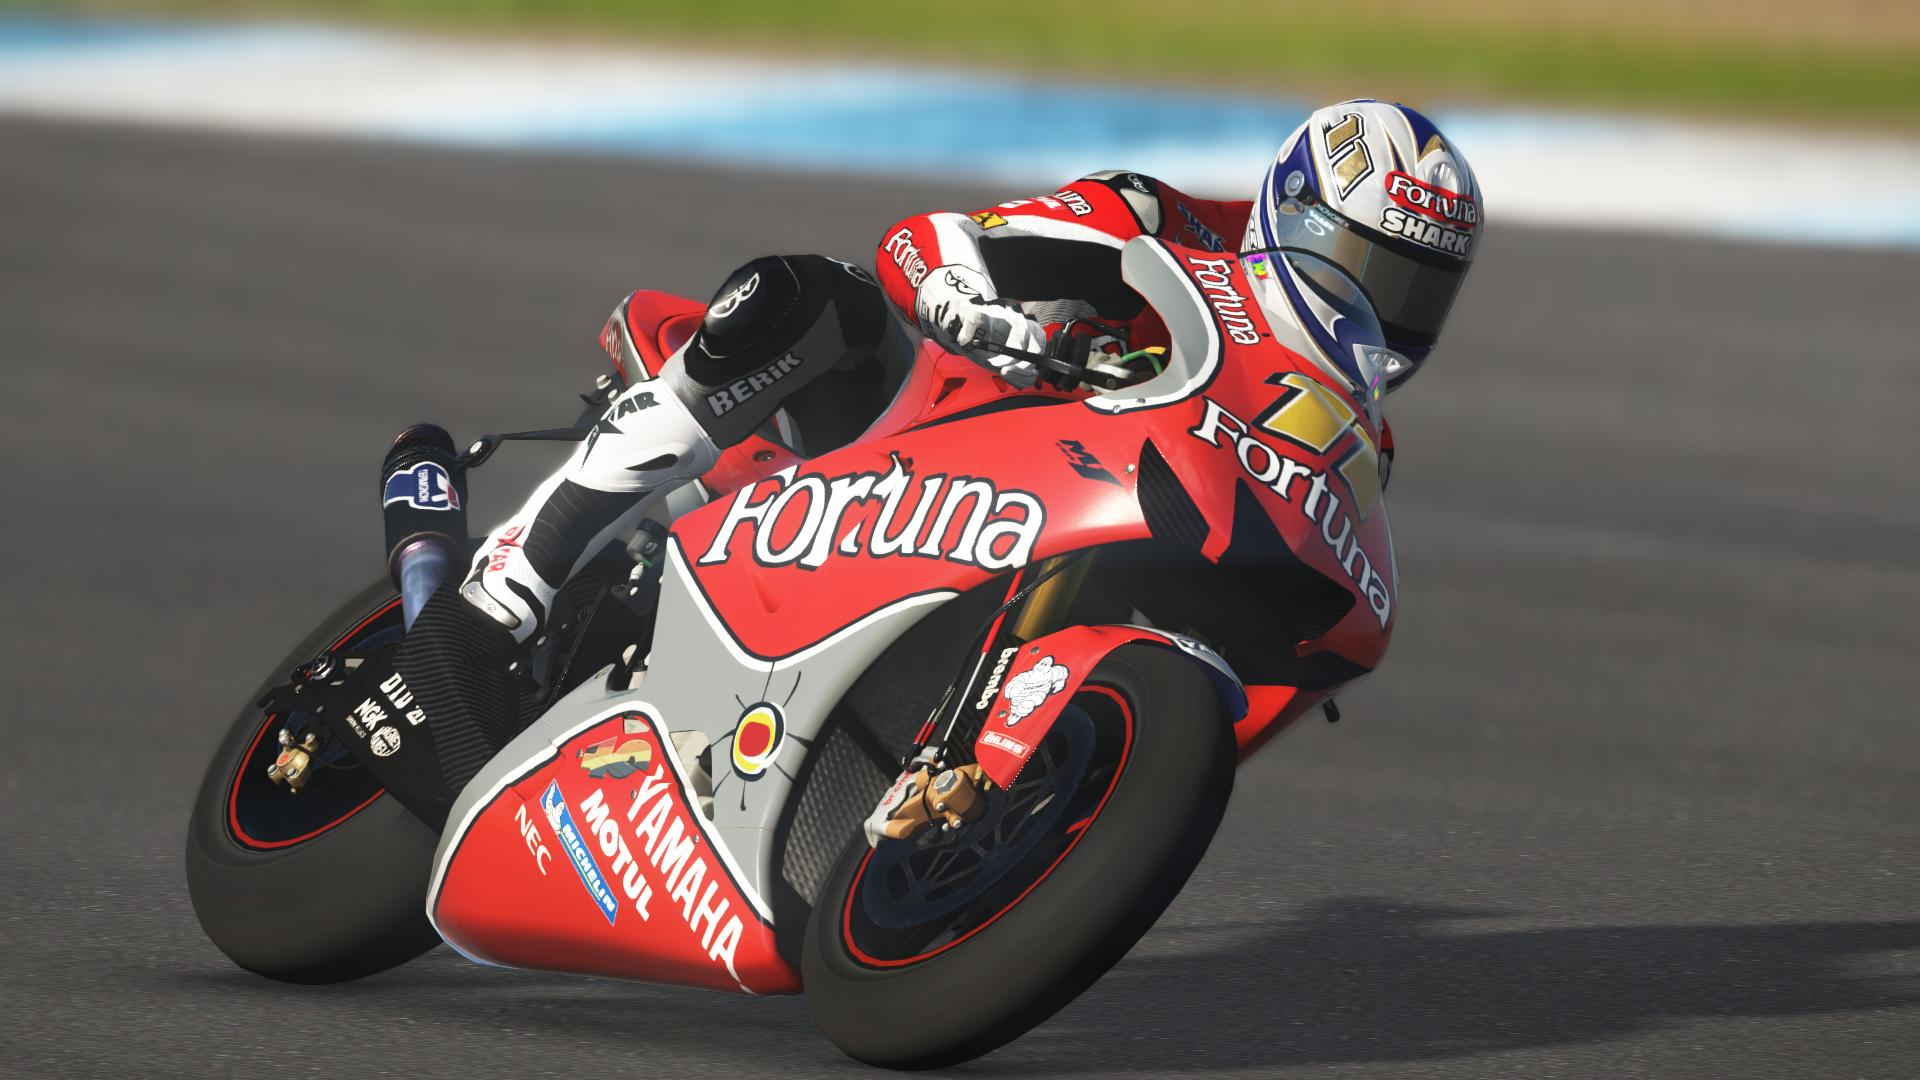 MotoGP17X64 2018-02-28 22-15-45-64.jpg